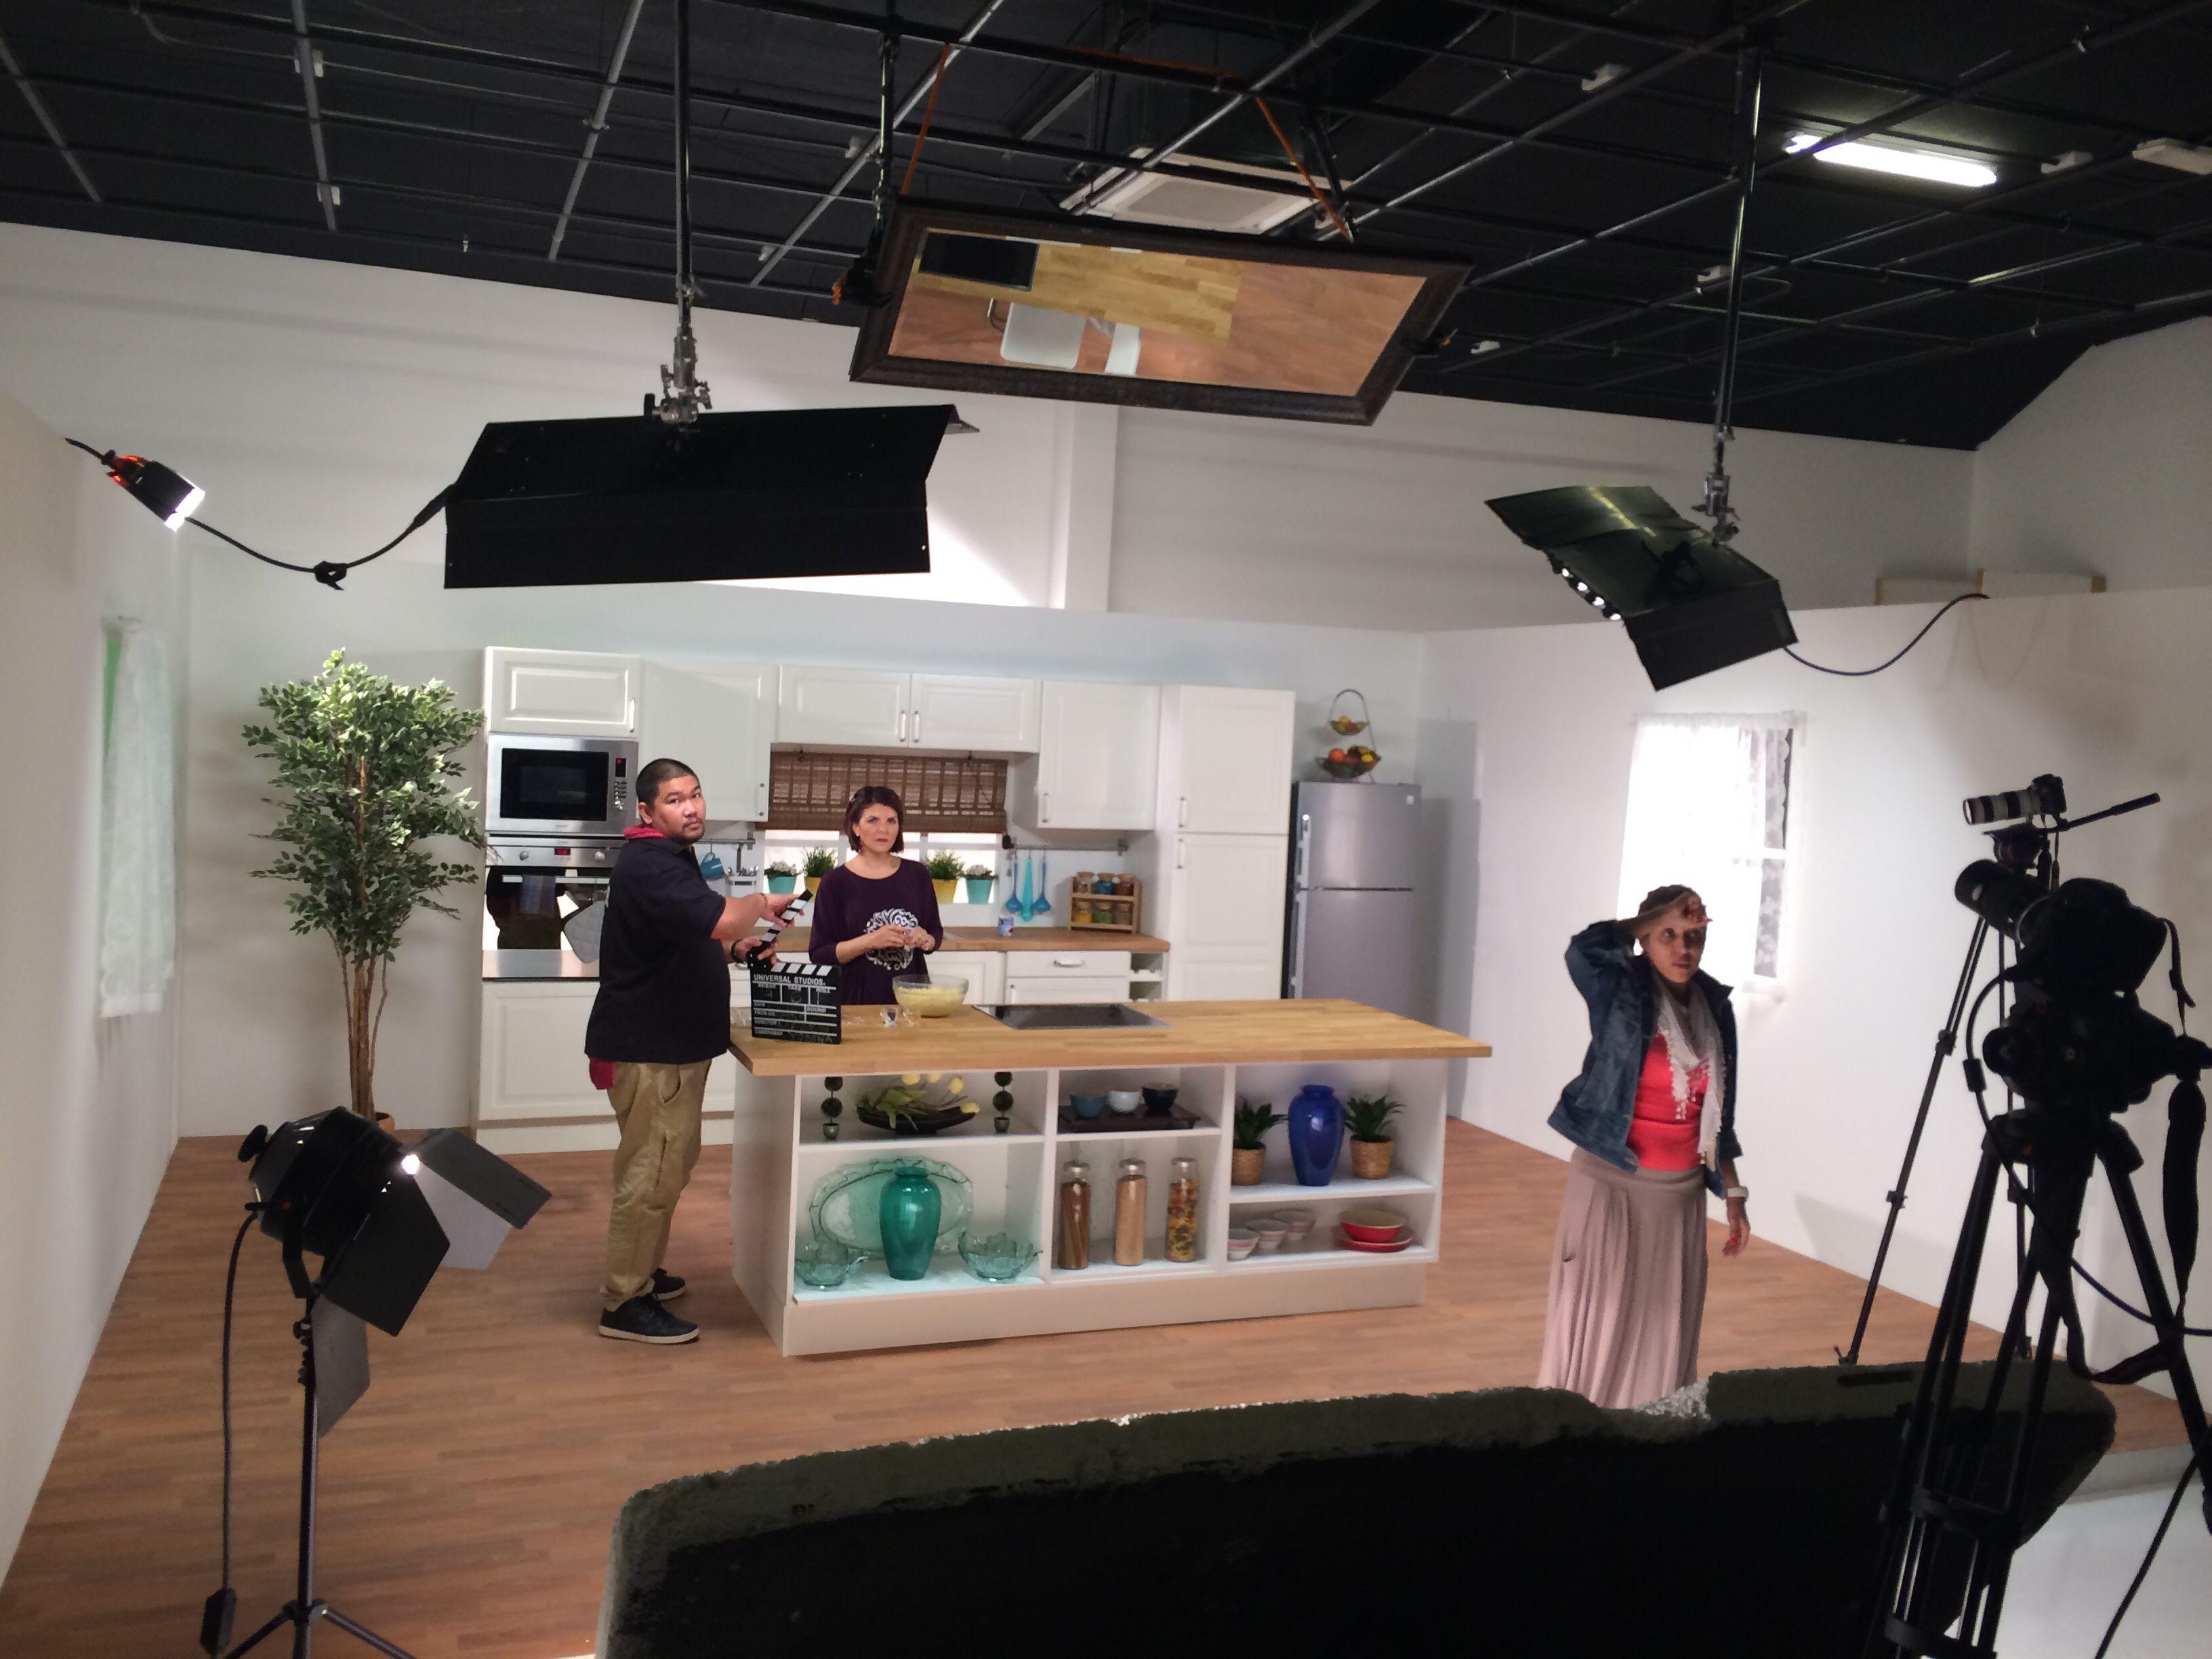 29+ The kitchen studios info